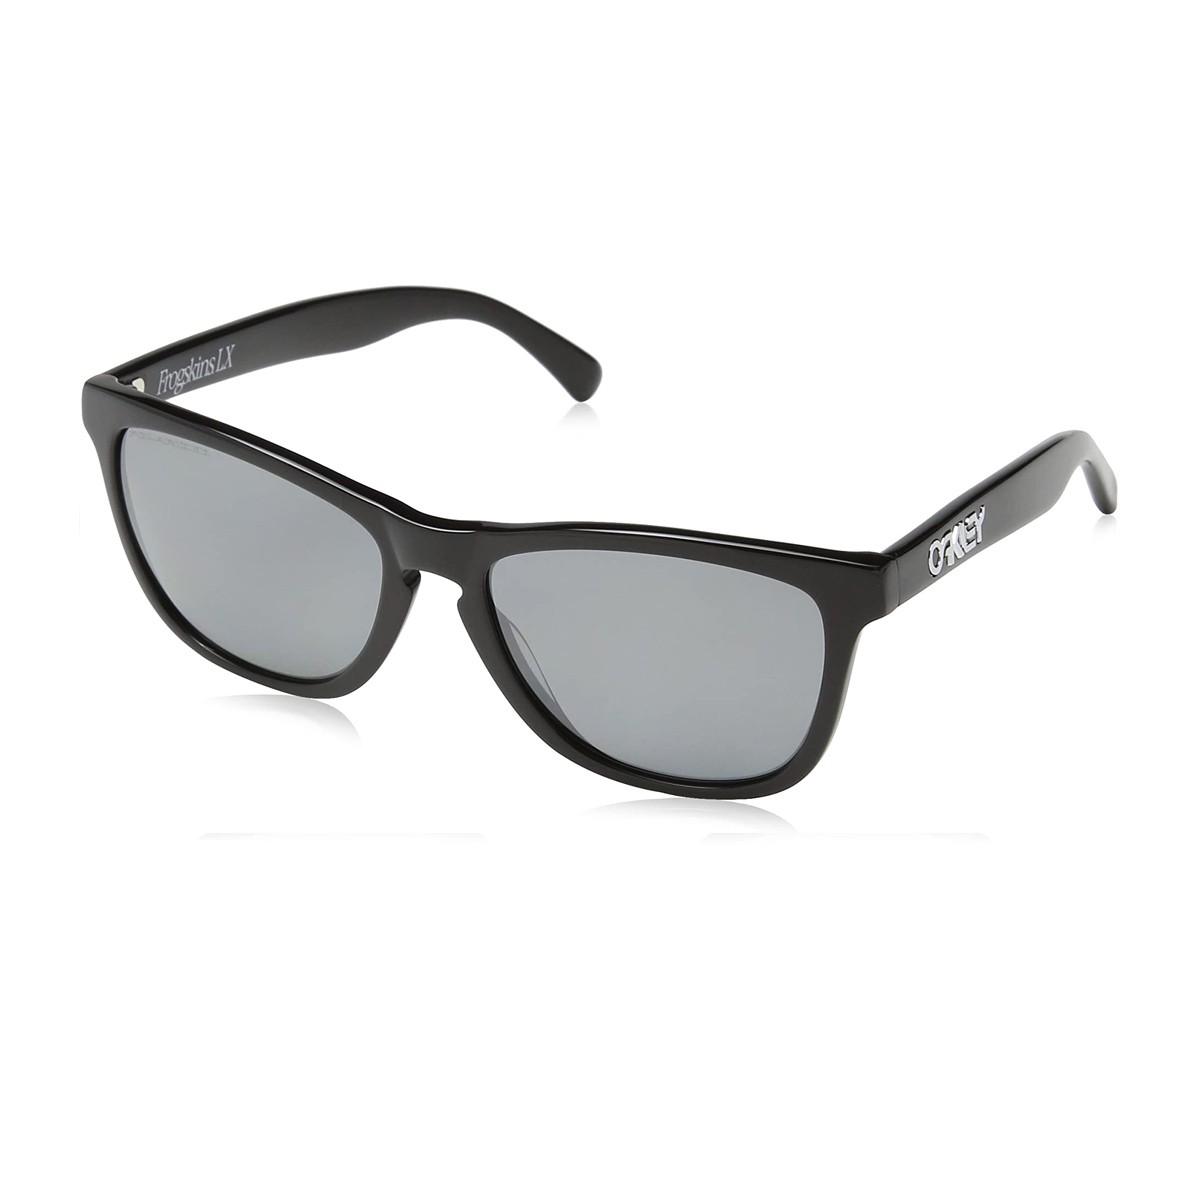 Oakley Frogskin LX OO2043 | Men's sunglasses